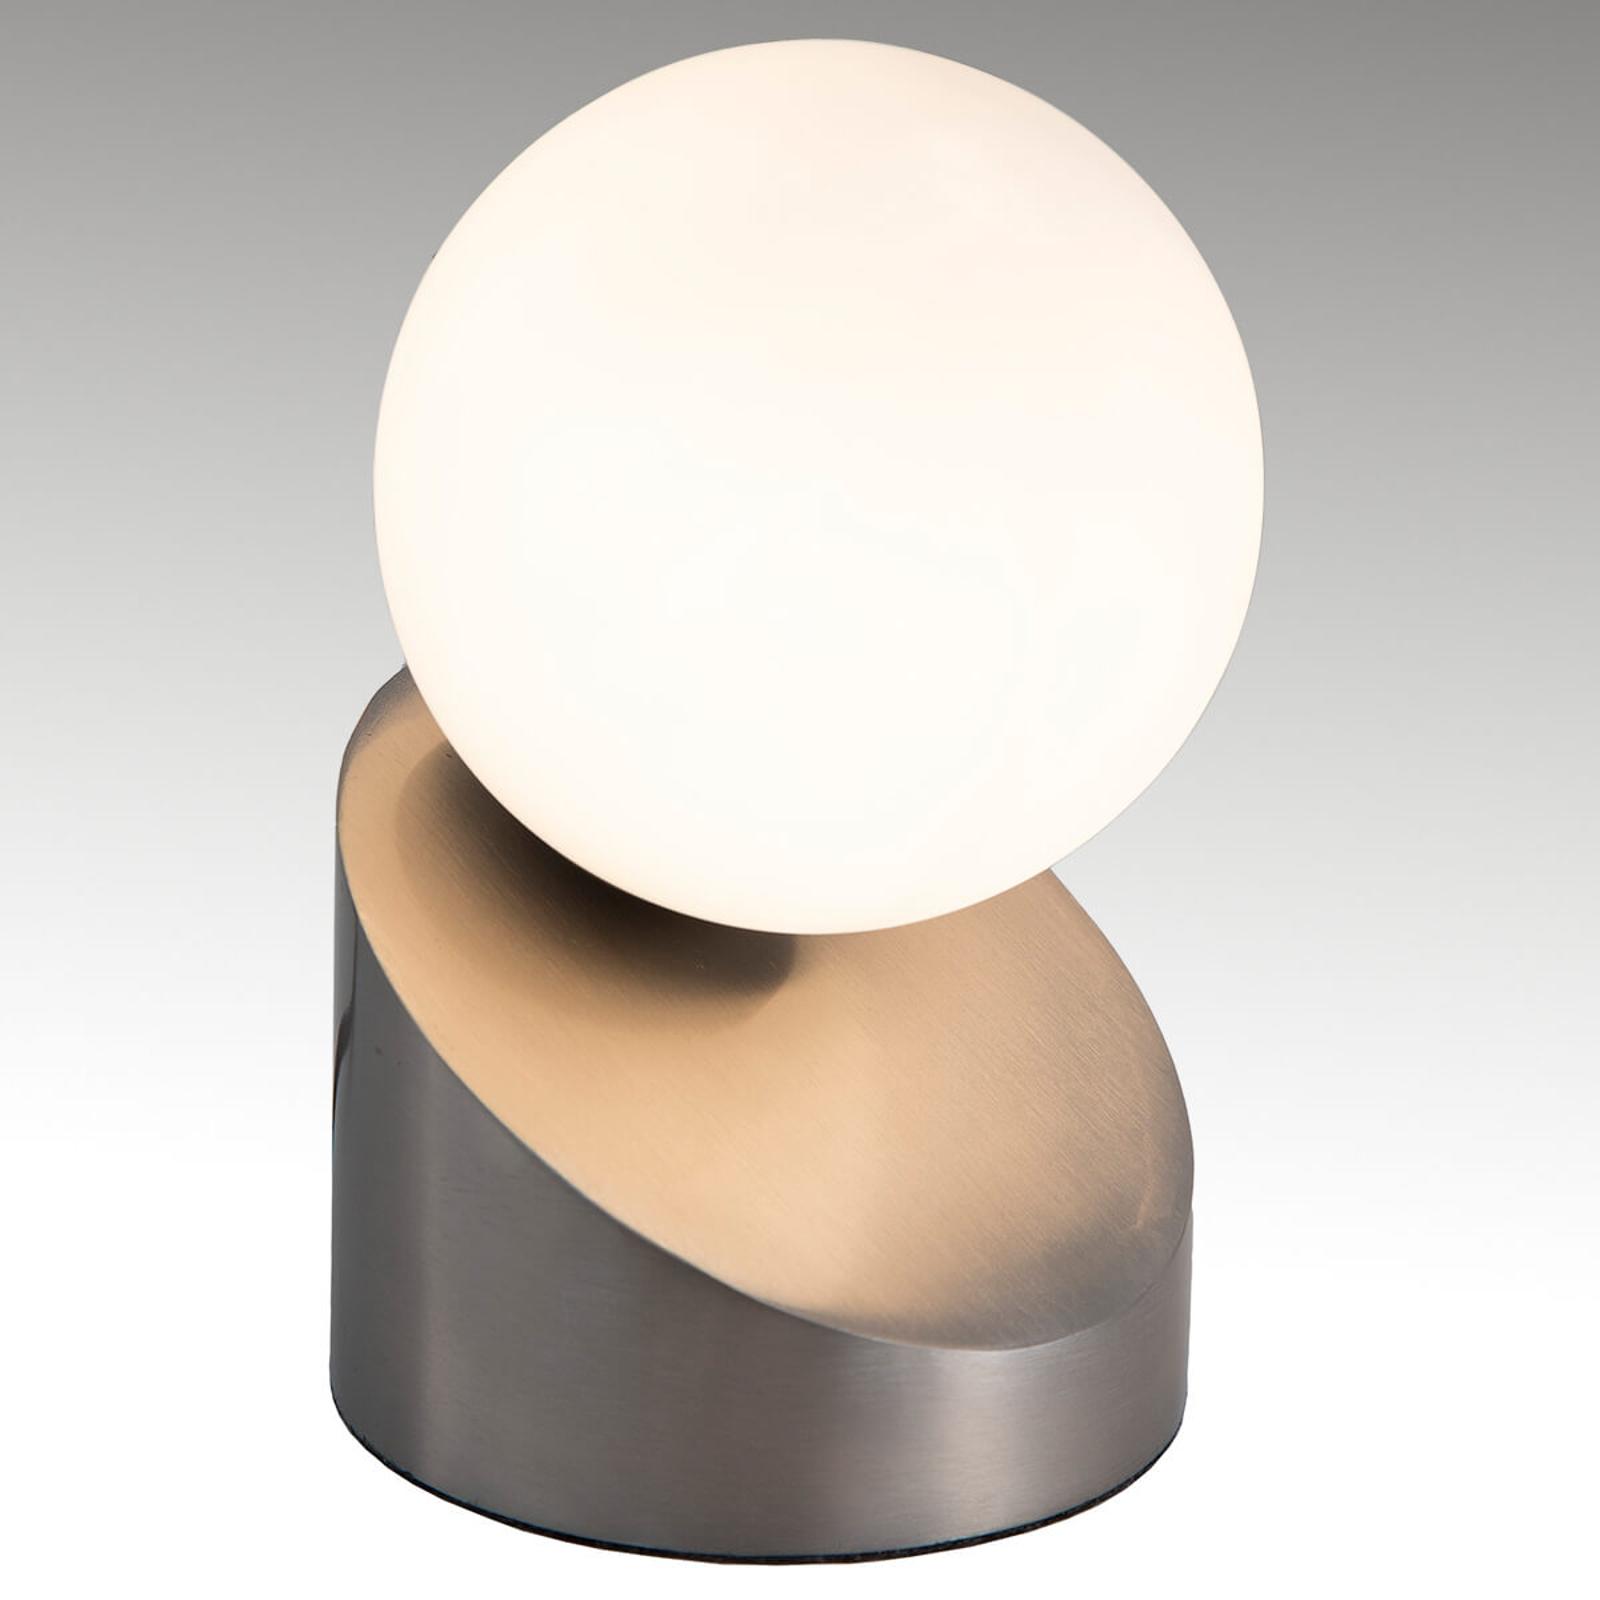 Met aanraakschakelaar - LED tafellamp Alisa